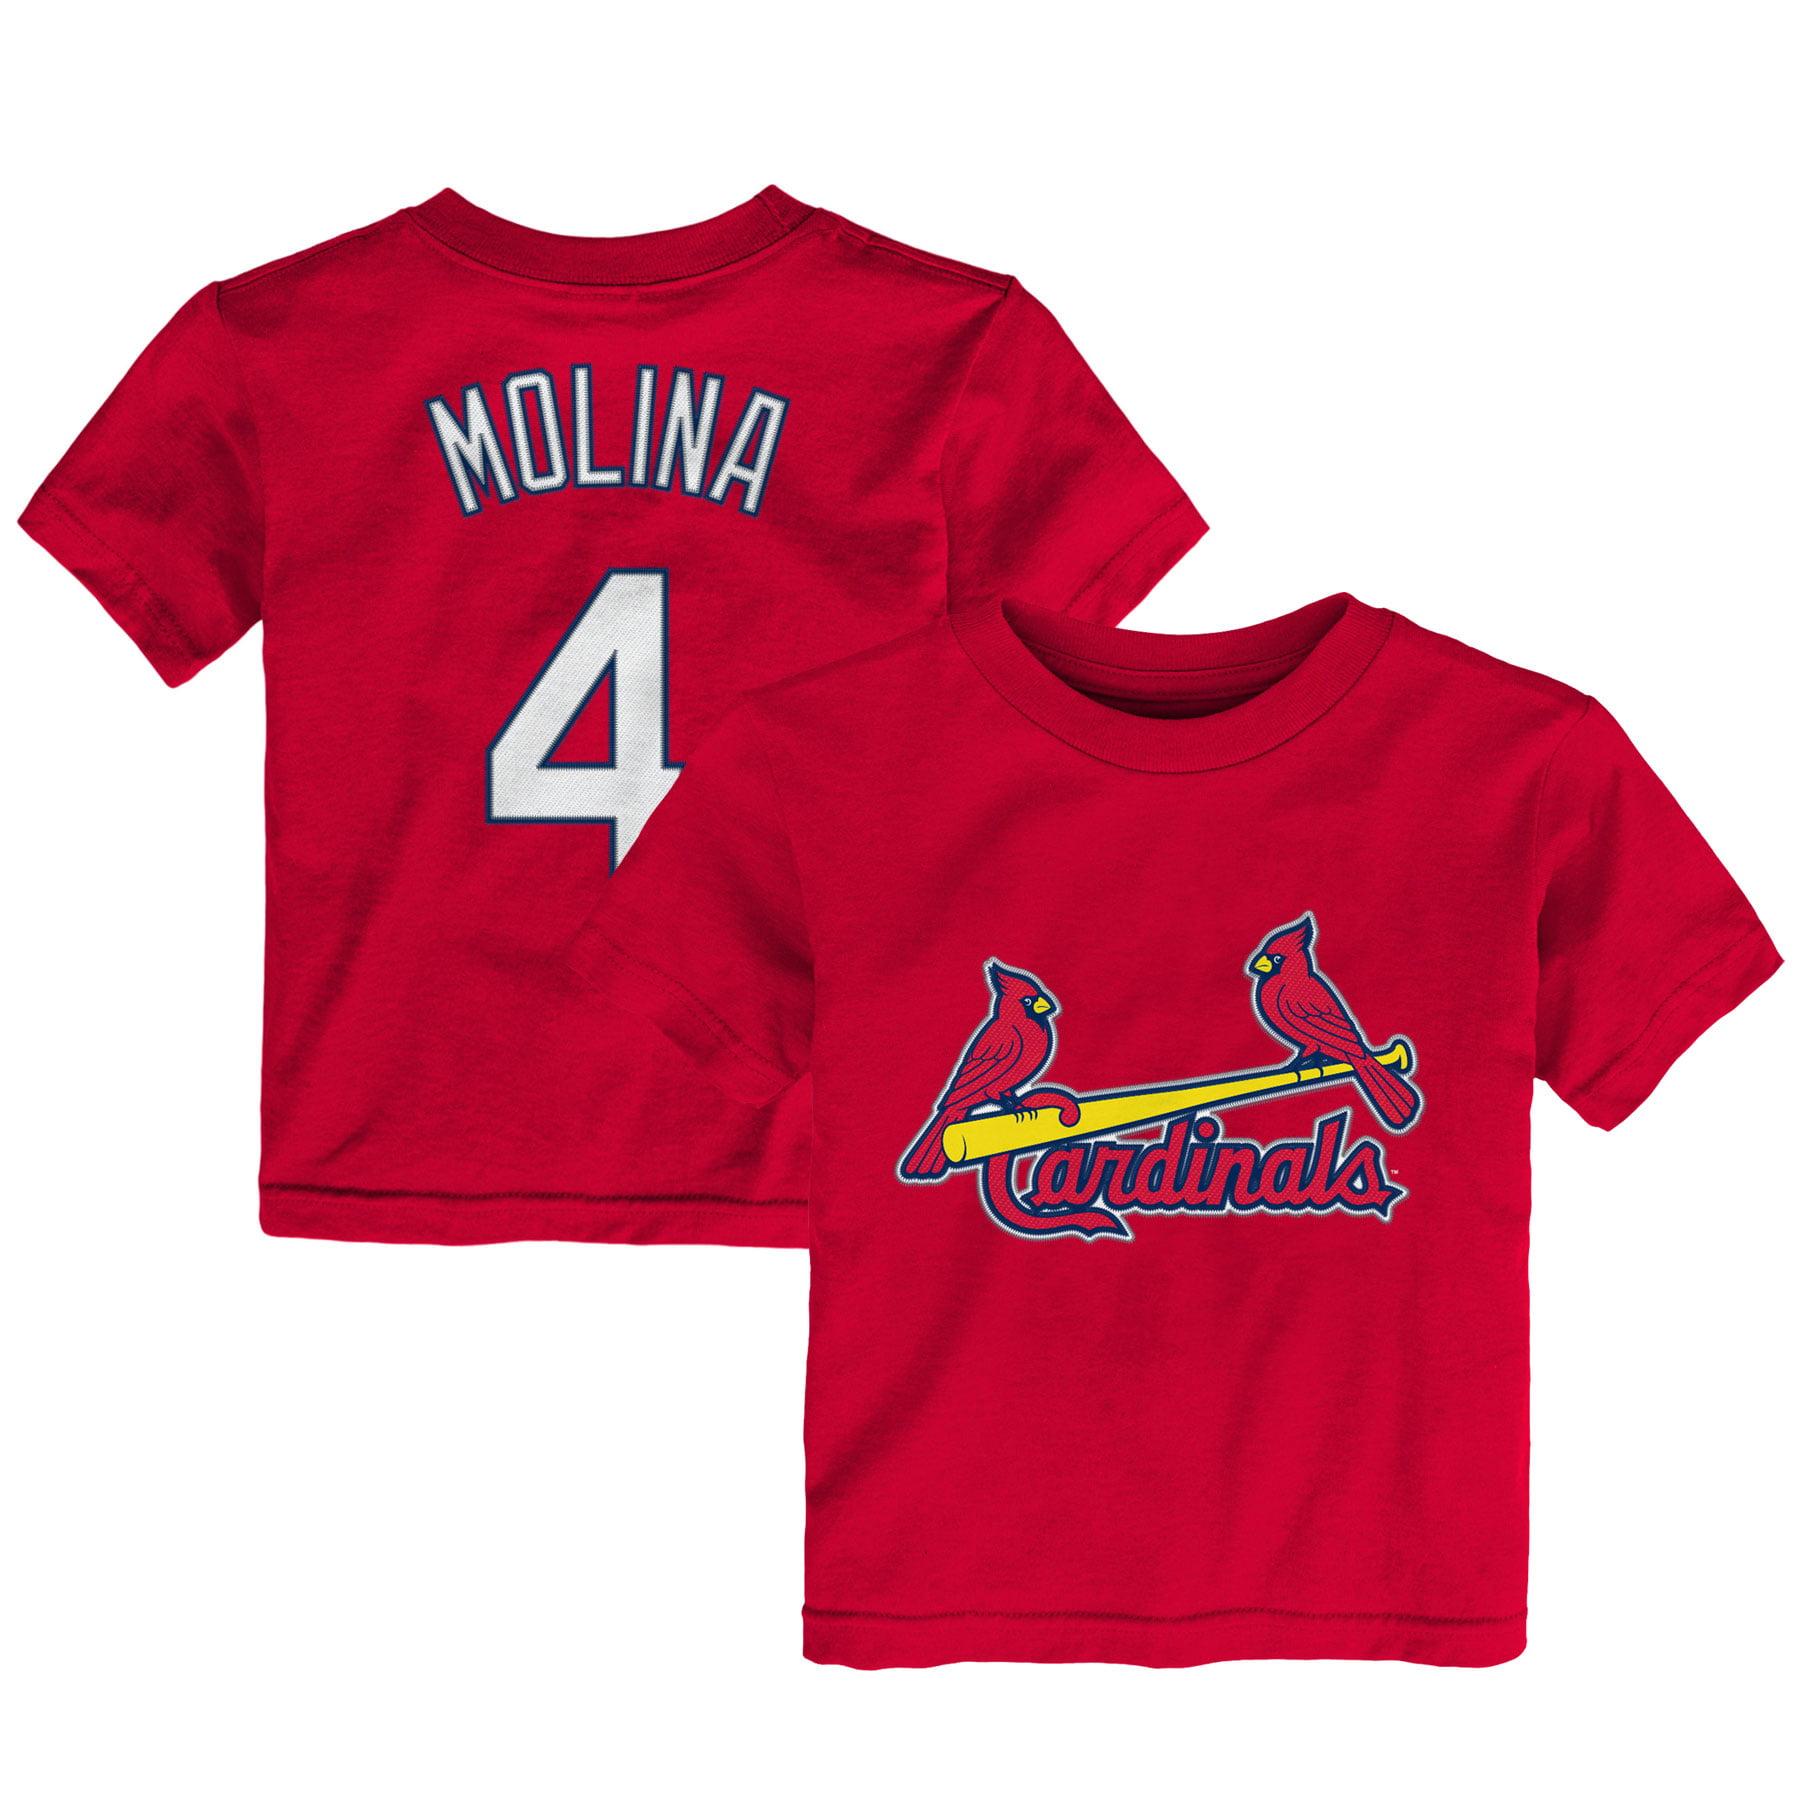 32b976b85838 St. Louis Cardinals Team Shop - Walmart.com